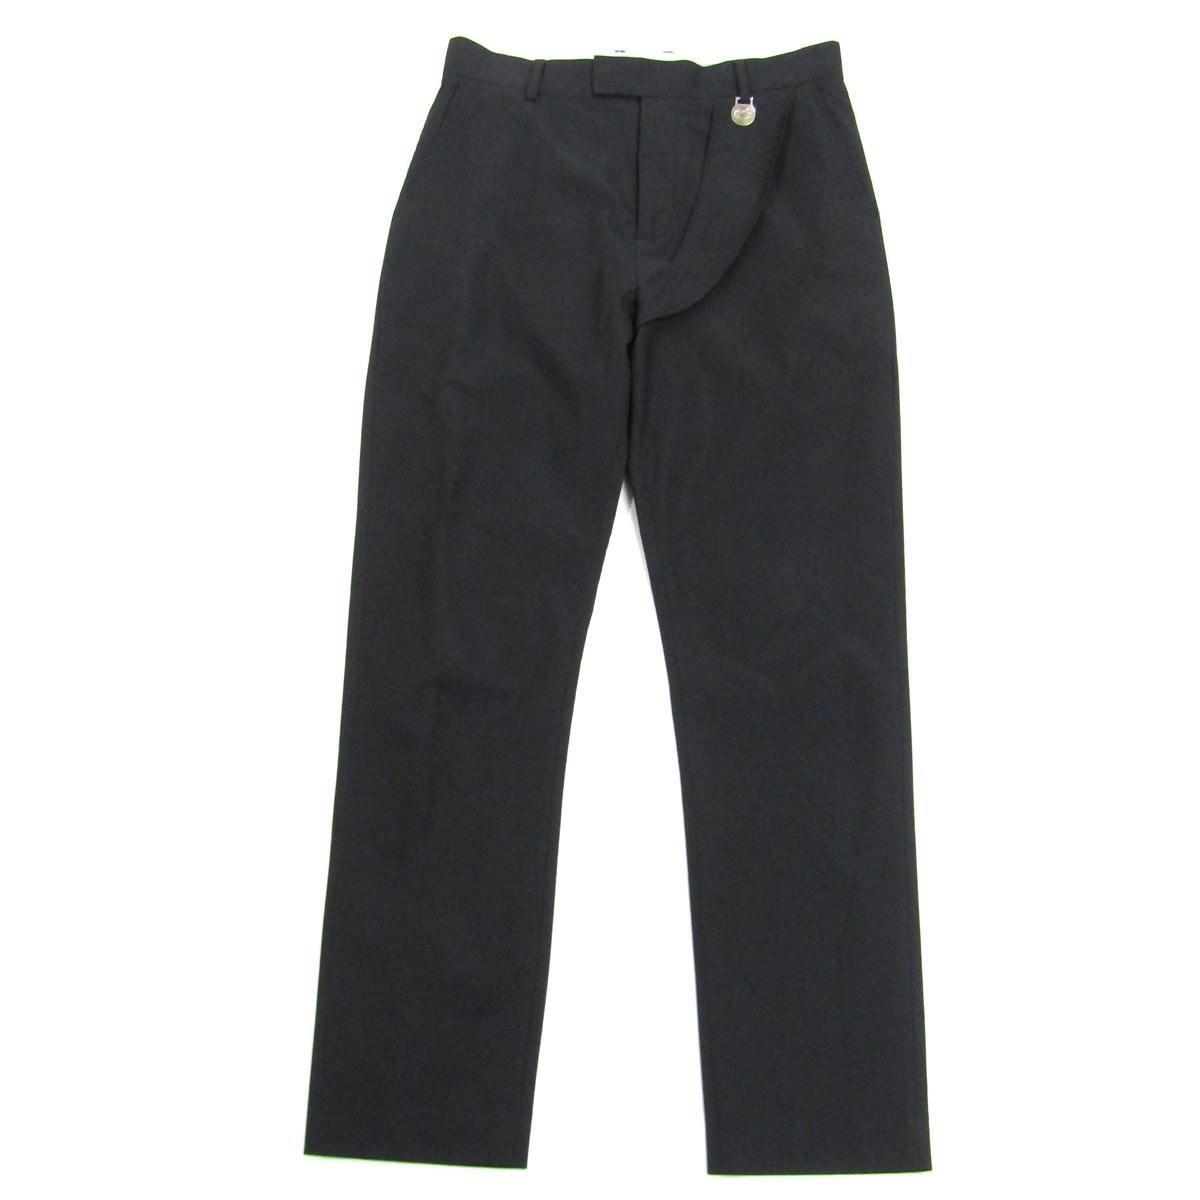 Trouses ZHOU Pants サテントラウザーパンツ ブラック 【中古】XANDER Satin 2019AW サイズ:52 【151120】(ザンダーゾウ)